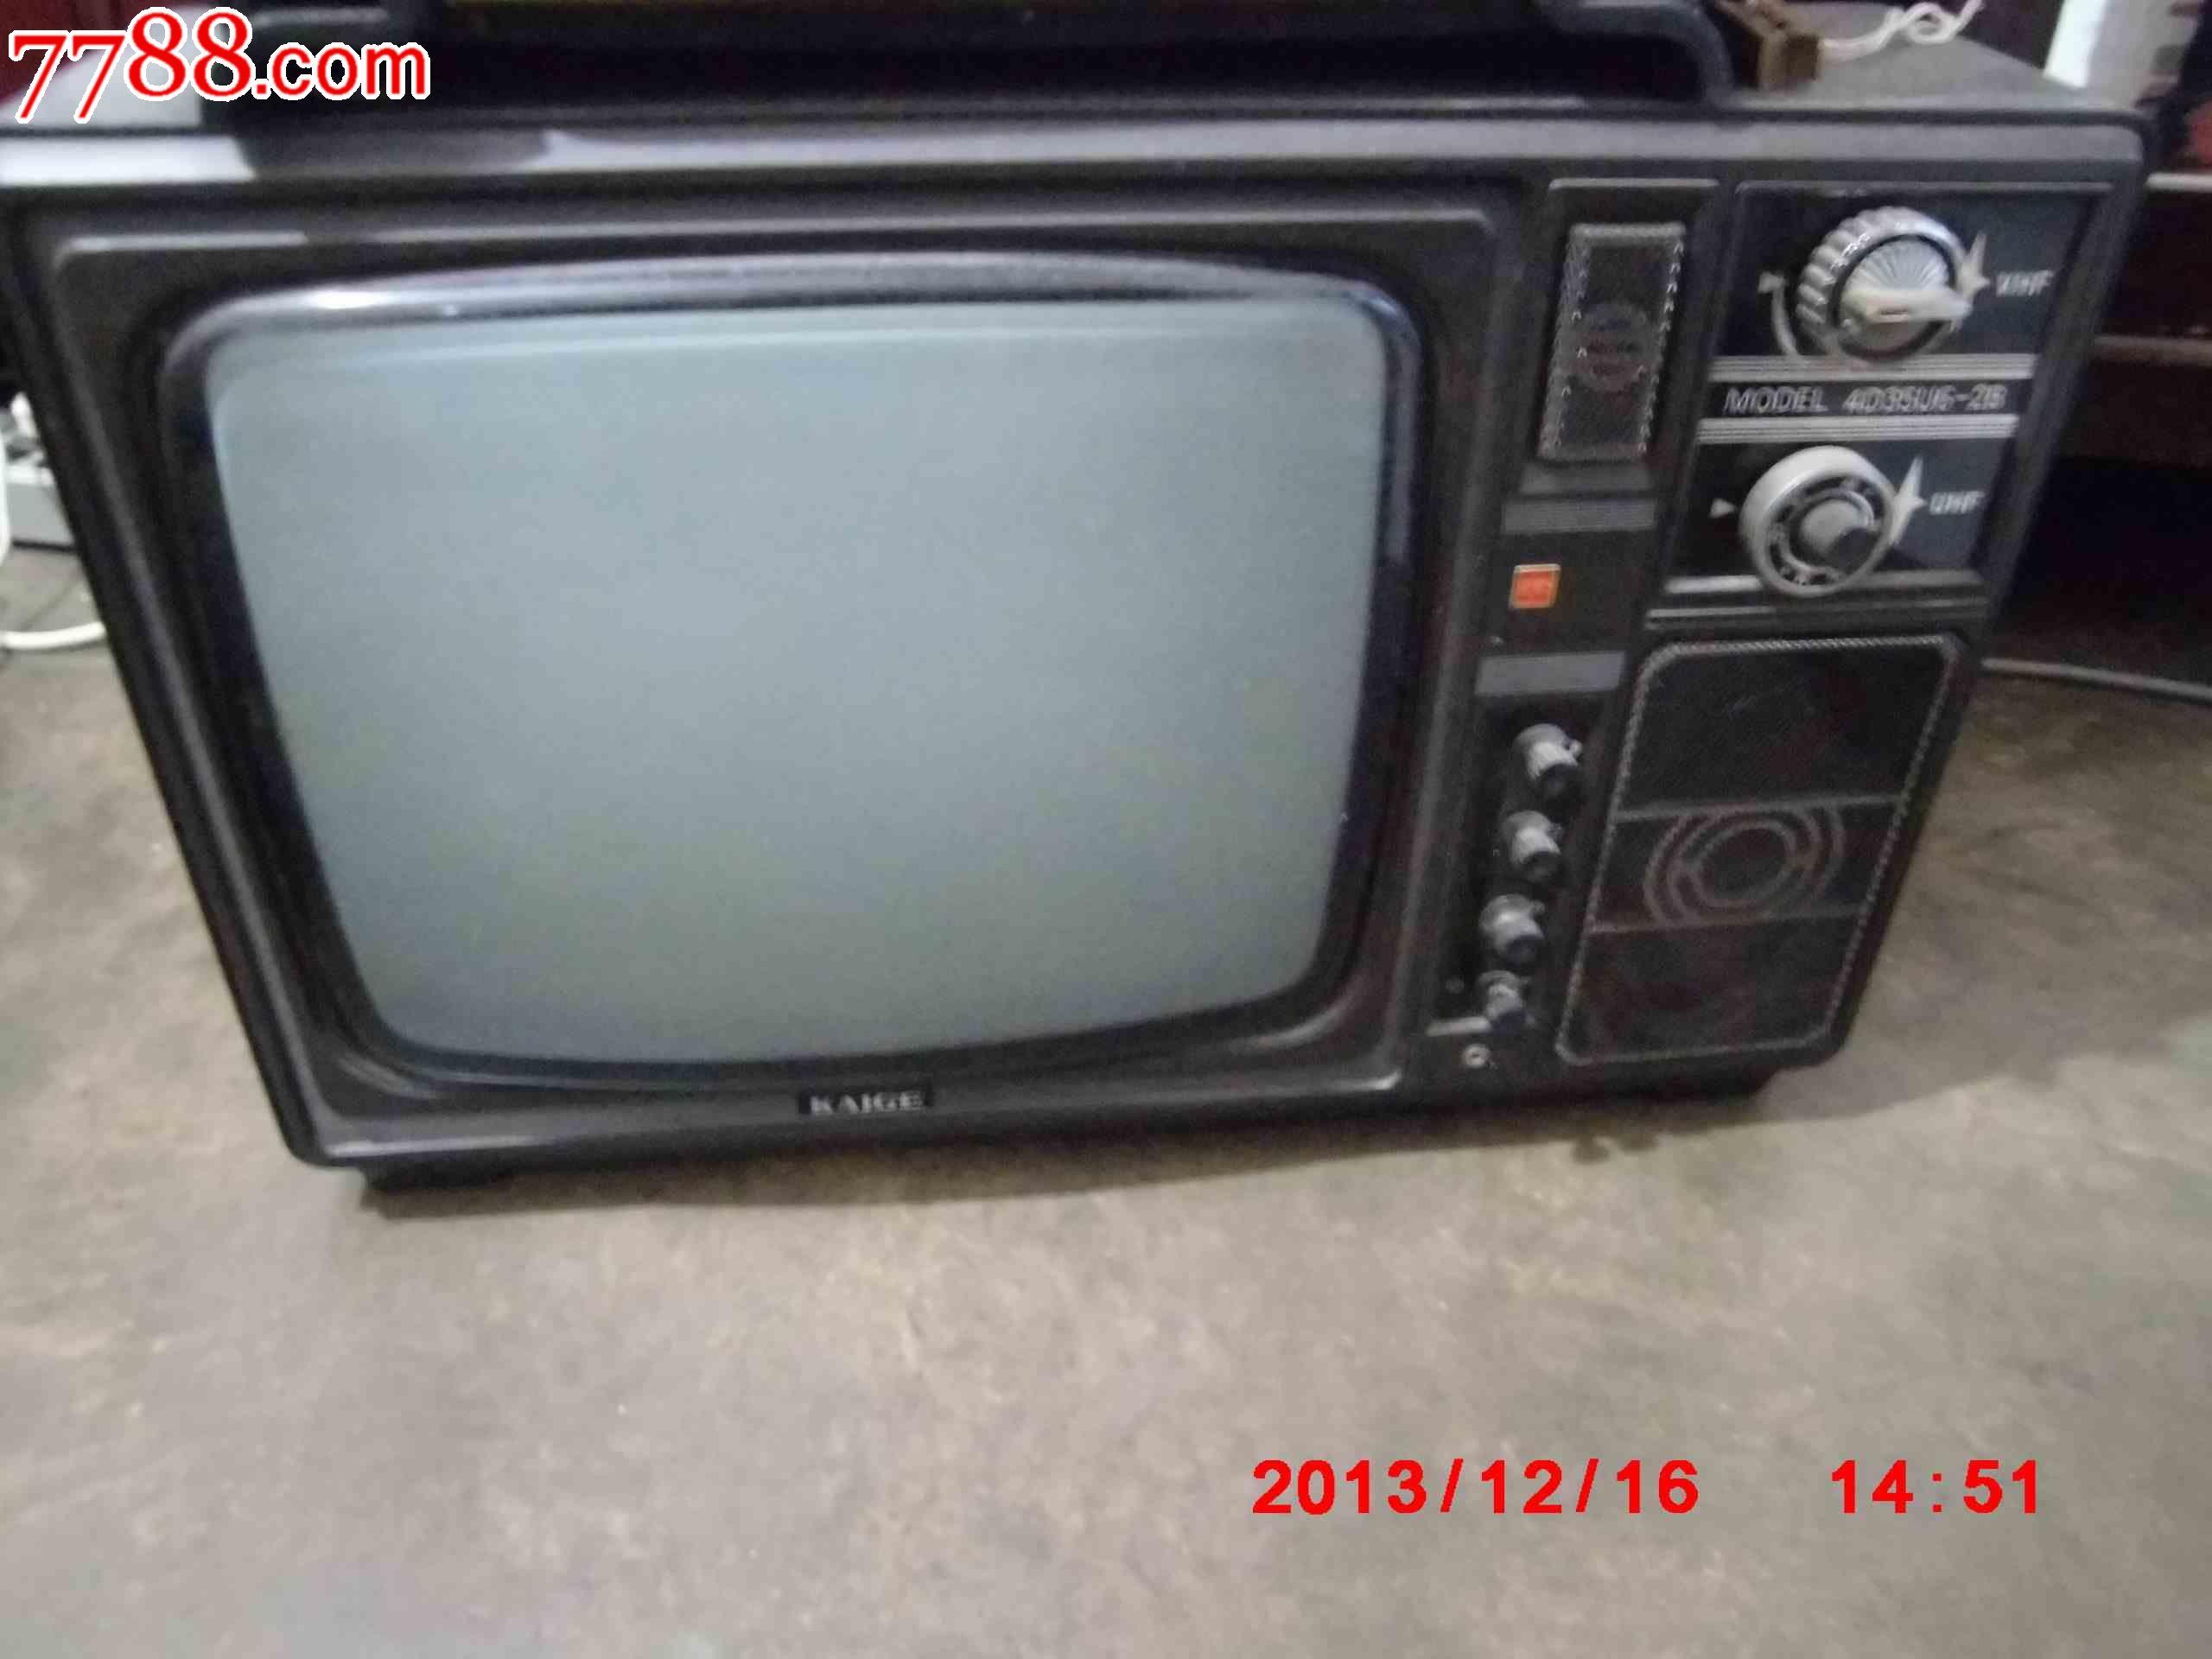 電視機-電視機 屬性: 顯像管電視機,80-89年,黑白電視機,12英寸,凱歌